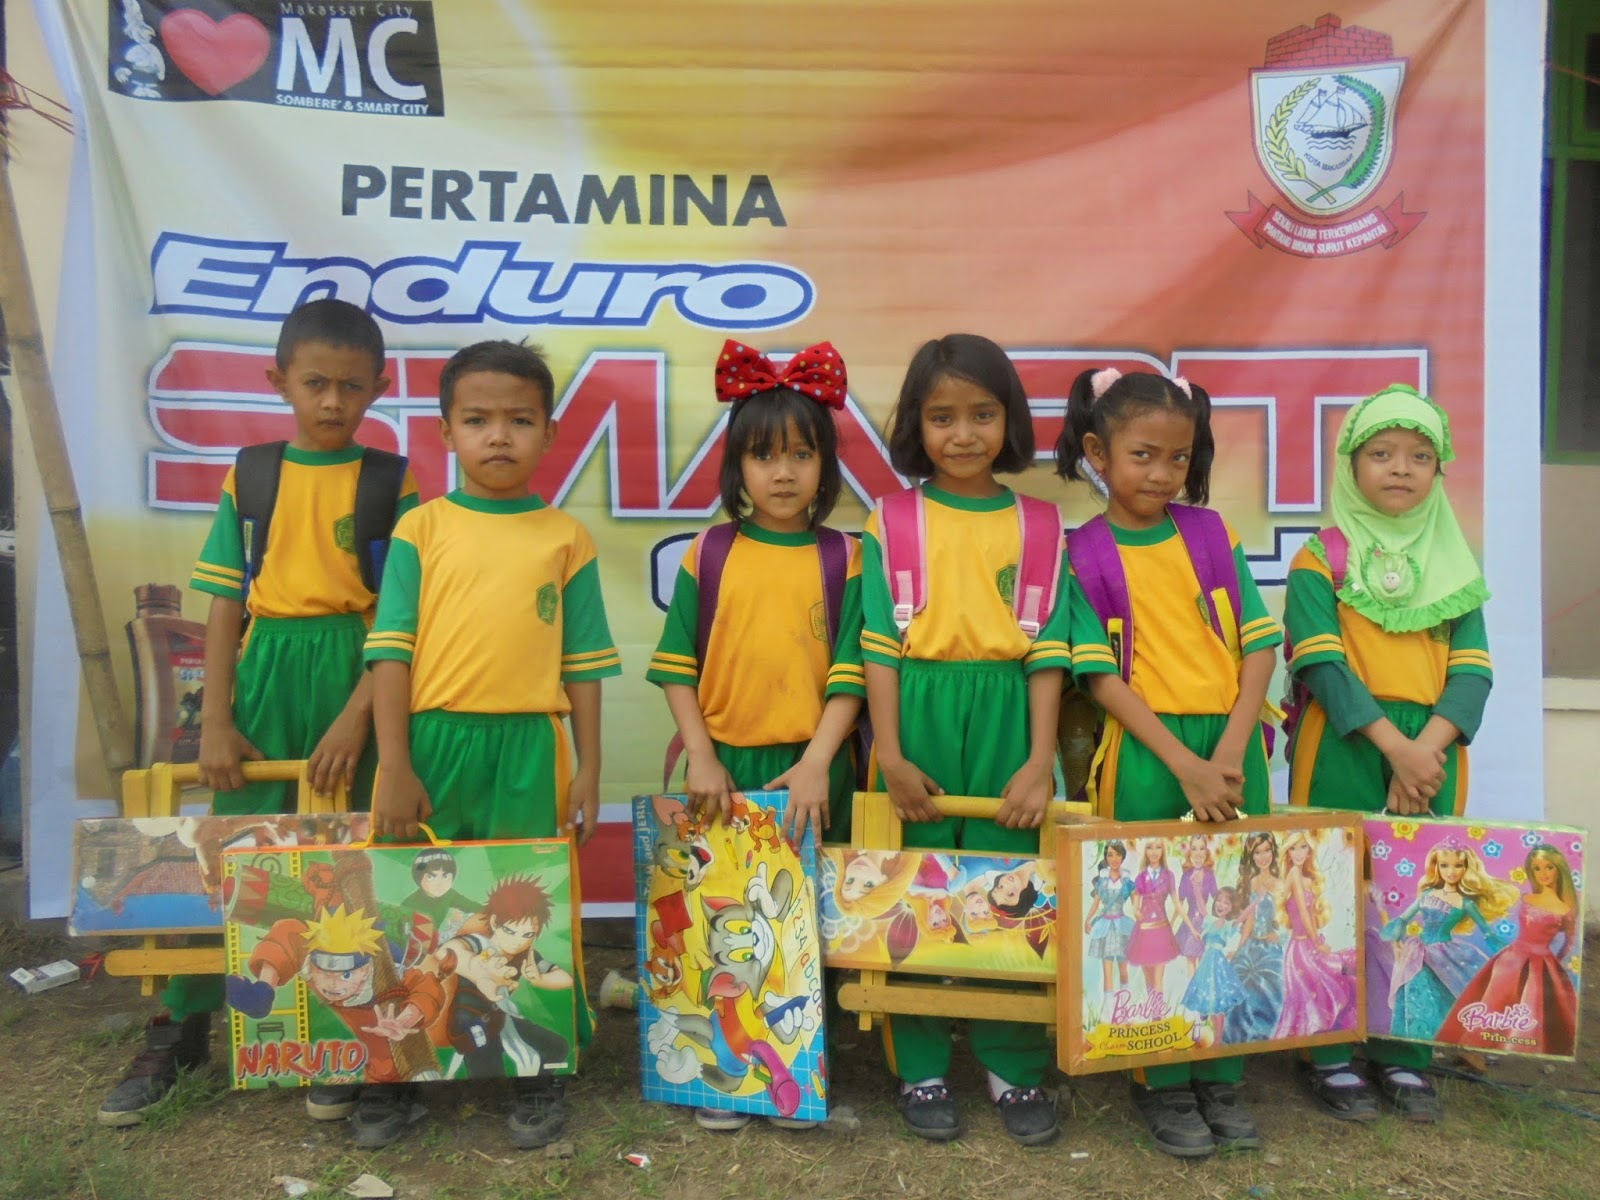 """Dalam rangka mendukung Program Pemerintah Kota Makassar yaitu Makassar Tidak Rantasa MTR maka diadakanlah kegiatan """"Pertamina Enduro Peduli Makassar ta"""